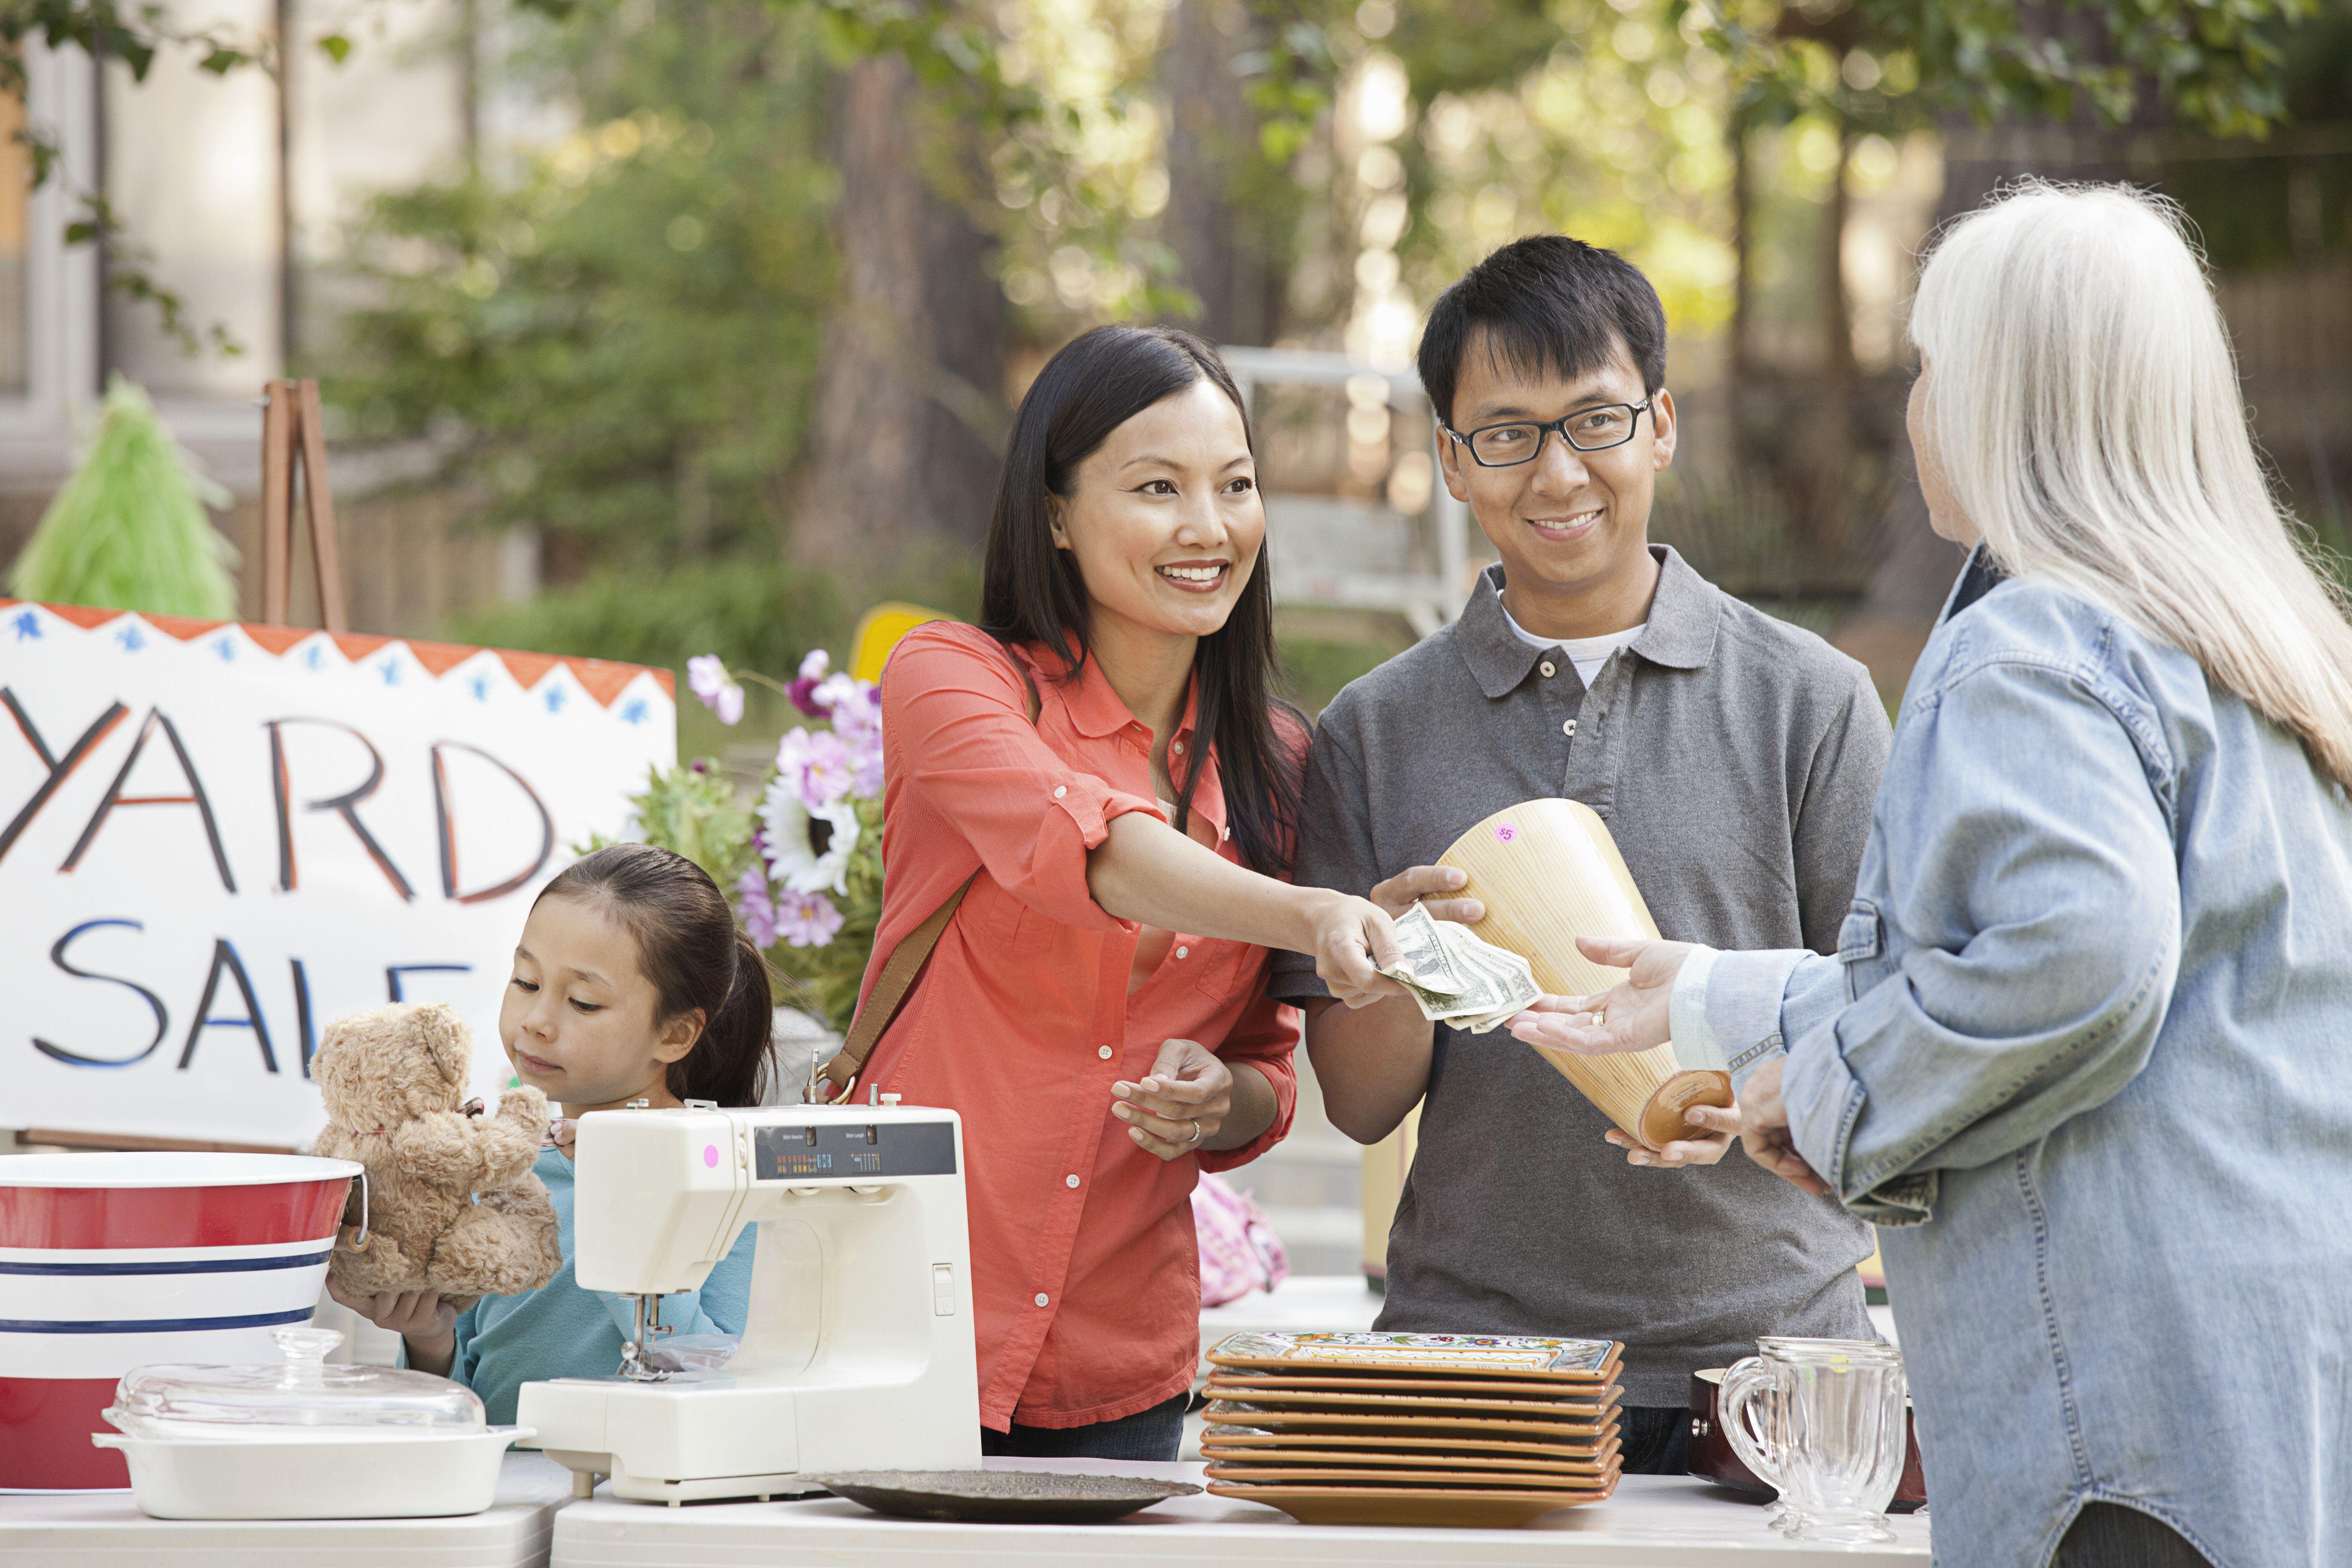 Familia asiática comprando en venta de garaje